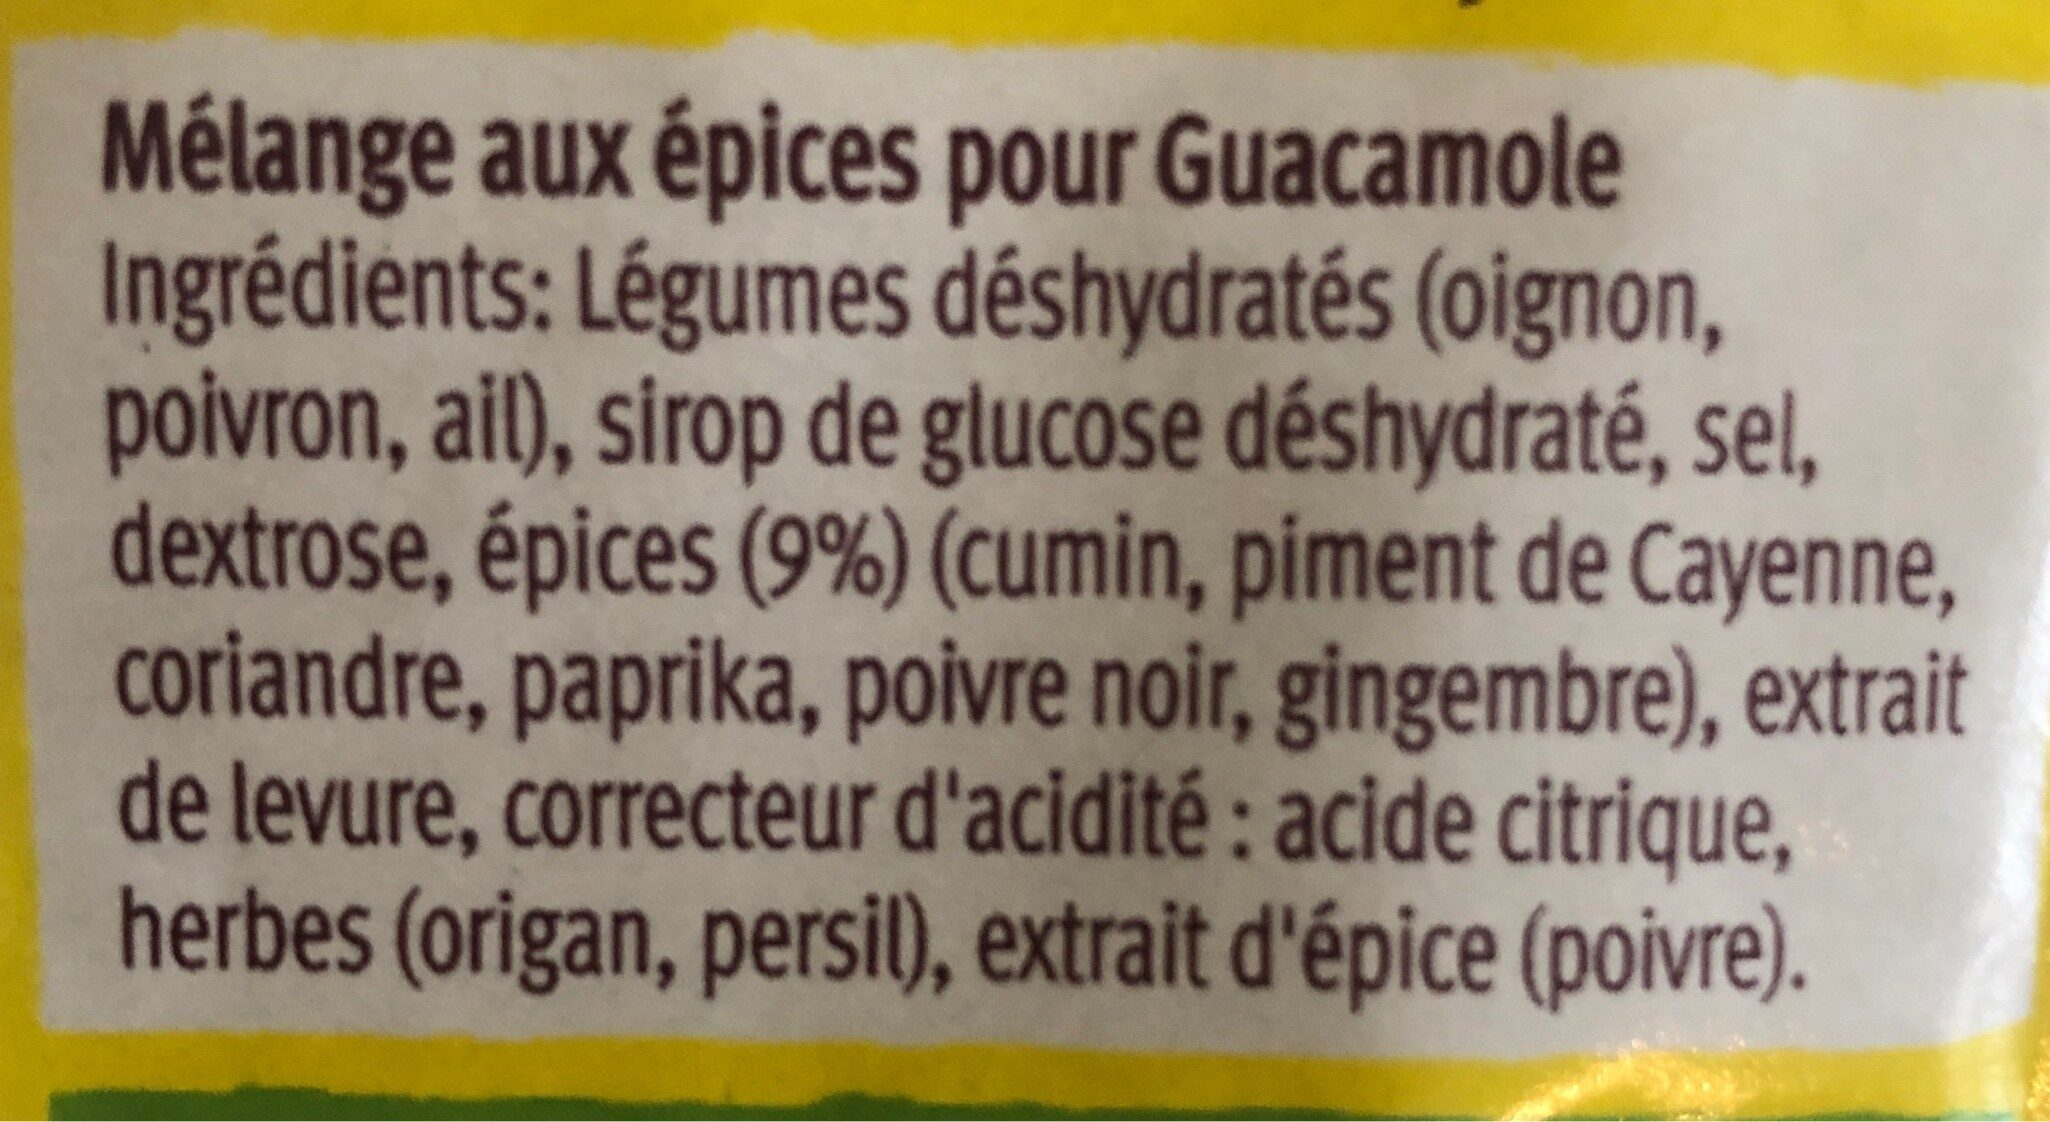 Mélange aux épices pour guacamole - Ingrédients - fr